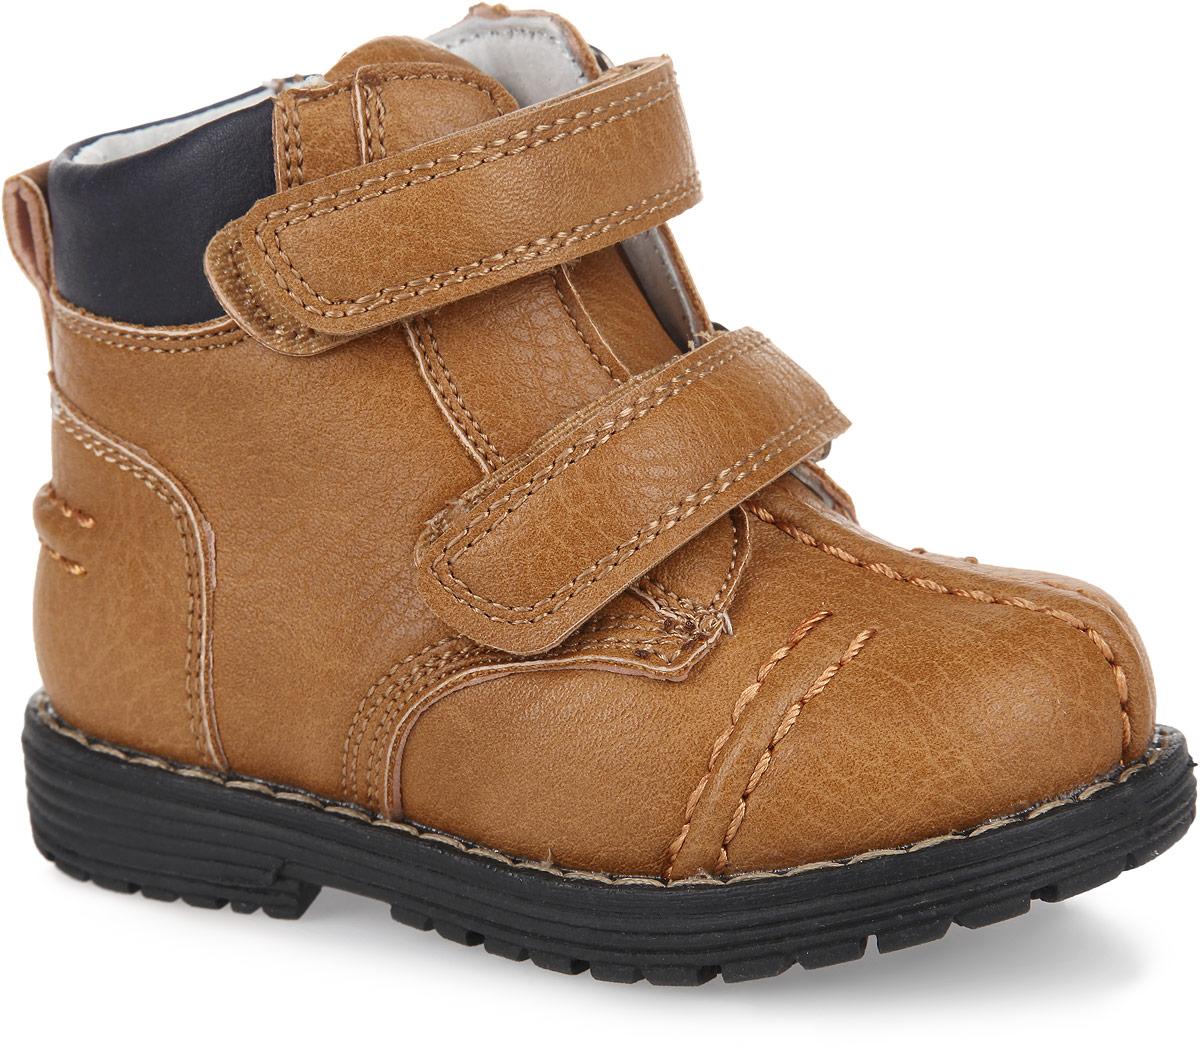 Ботинки для мальчика. 16720167207Модные ботинки от PlayToday заинтересуют вашего мальчика с первого взгляда. Модель, выполненная из искусственной кожи, оформлена внешними декоративными швами, вдоль ранта - контрастной прострочкой. Ремешки с застежками-липучками гарантируют надежную фиксацию модели на ноге. Боковая застежка-молния позволяет легко снимать и обувать модель. Ярлычок облегчает обувание модели. Внутренняя поверхность из натуральной кожи и стелька EVA с поверхностью из натуральной кожи комфортны при ходьбе. Стелька дополнена супинатором с перфорацией, который обеспечивает правильное положение ноги ребенка при ходьбе, предотвращает плоскостопие. Рифление на подошве обеспечивает отличное сцепление с любыми поверхностями. Чудесные ботинки займут достойное место в гардеробе вашего мальчика.